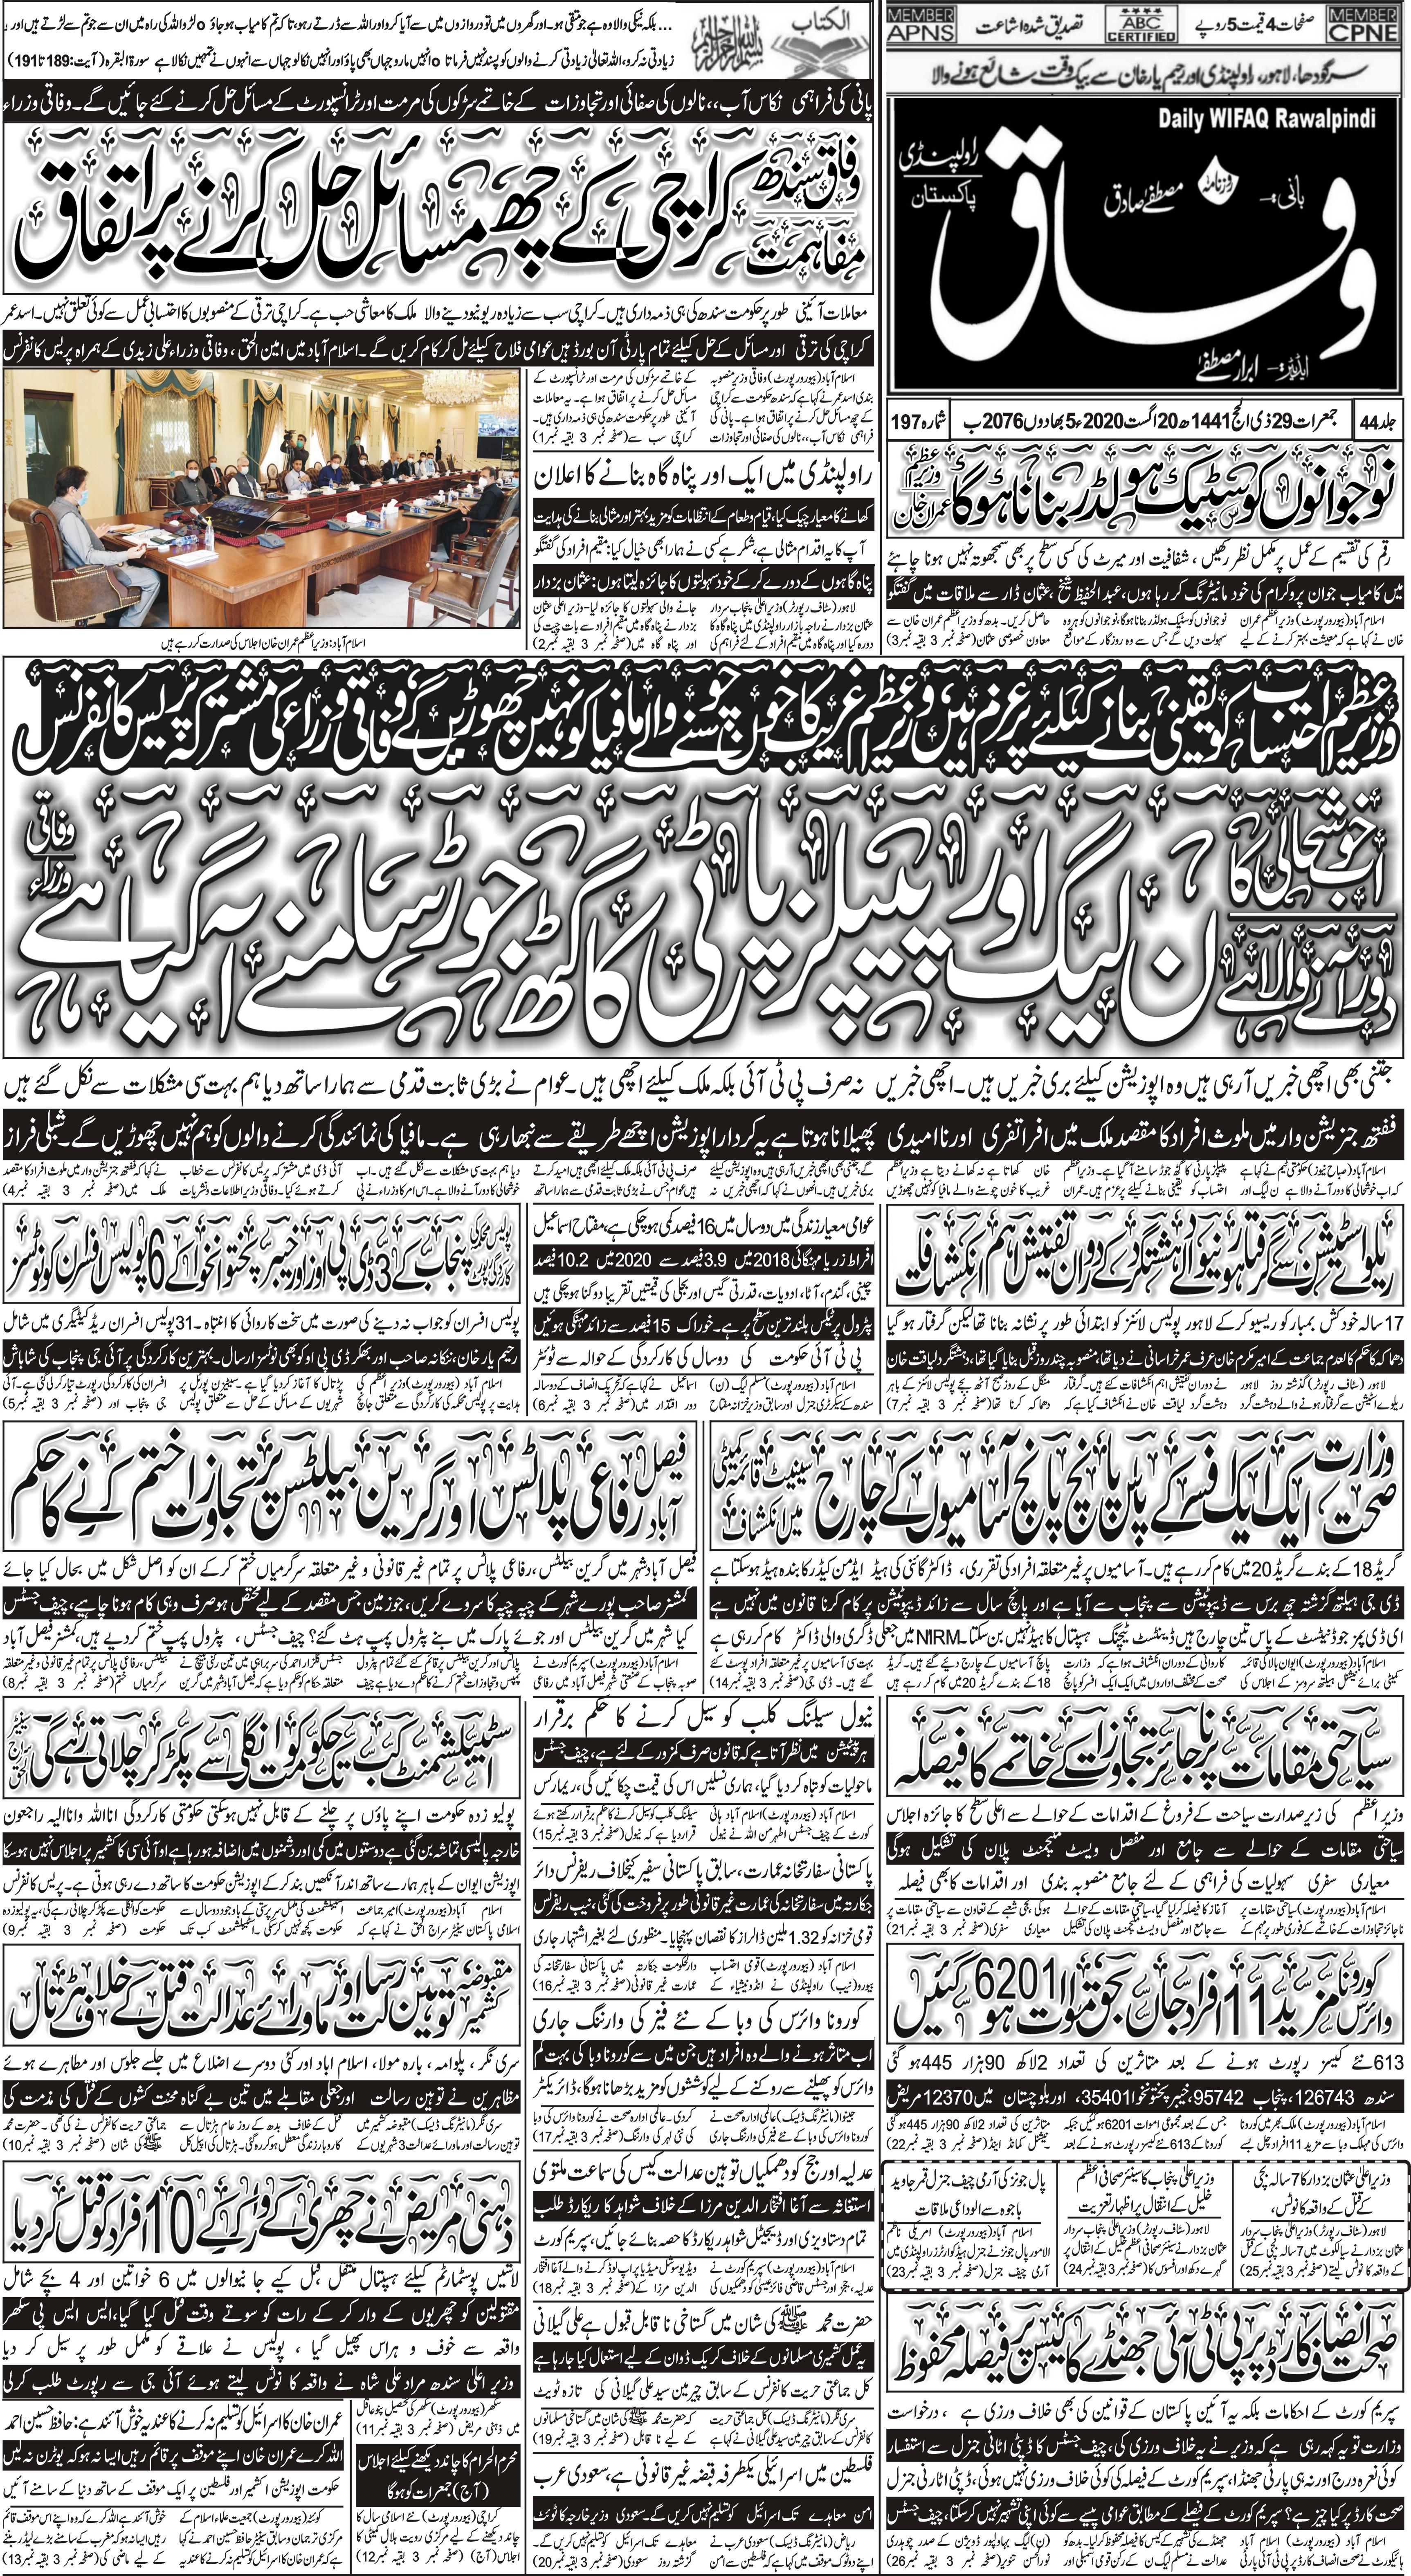 e-Paper – Daily Wifaq – Rawalpindi – 20-08-2020